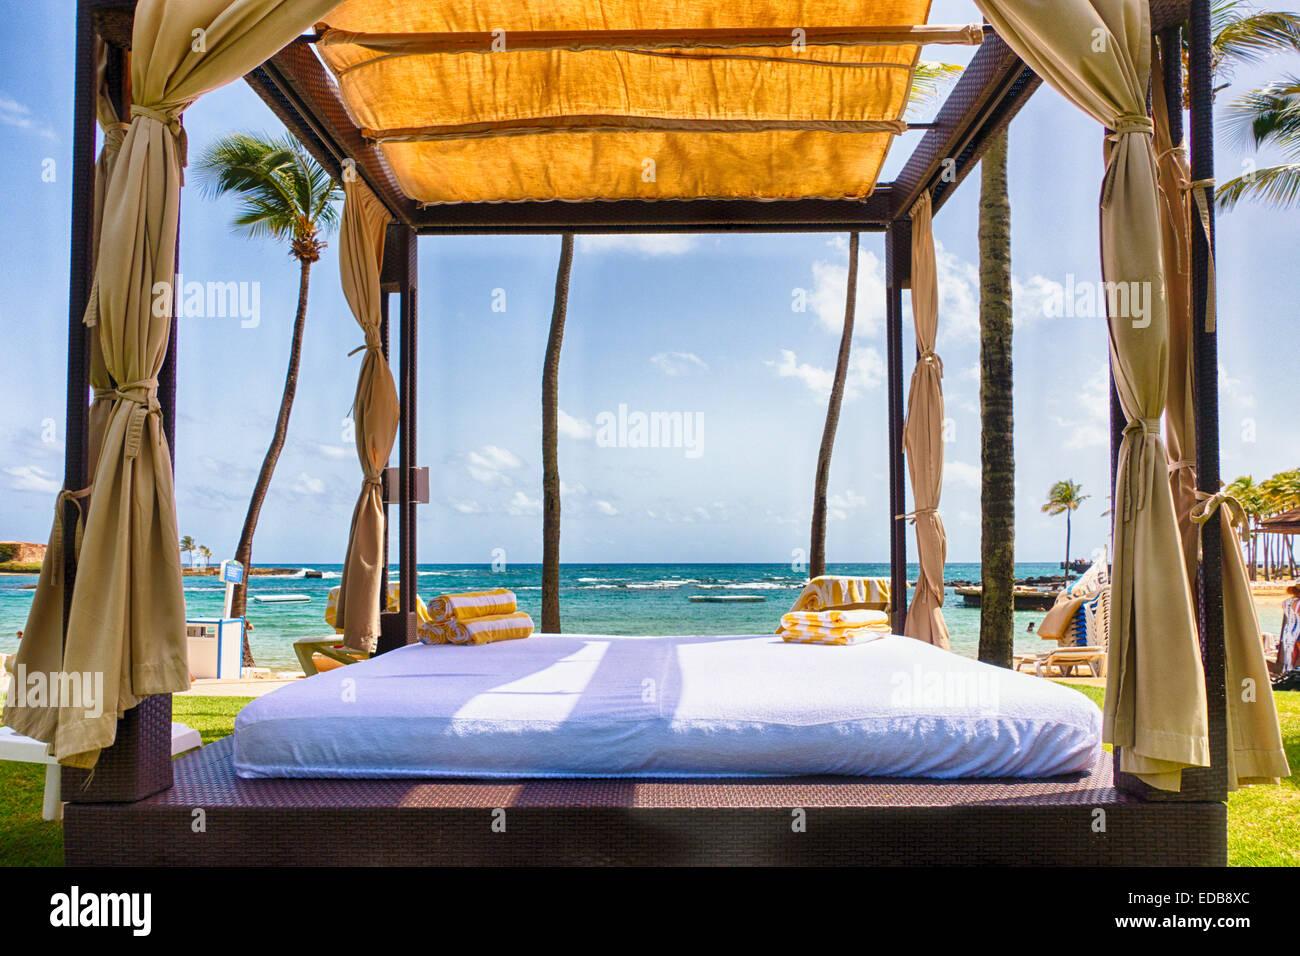 Il Cabana tenda su una spiaggia caraibica, San Juan, Puerto Rico Immagini Stock